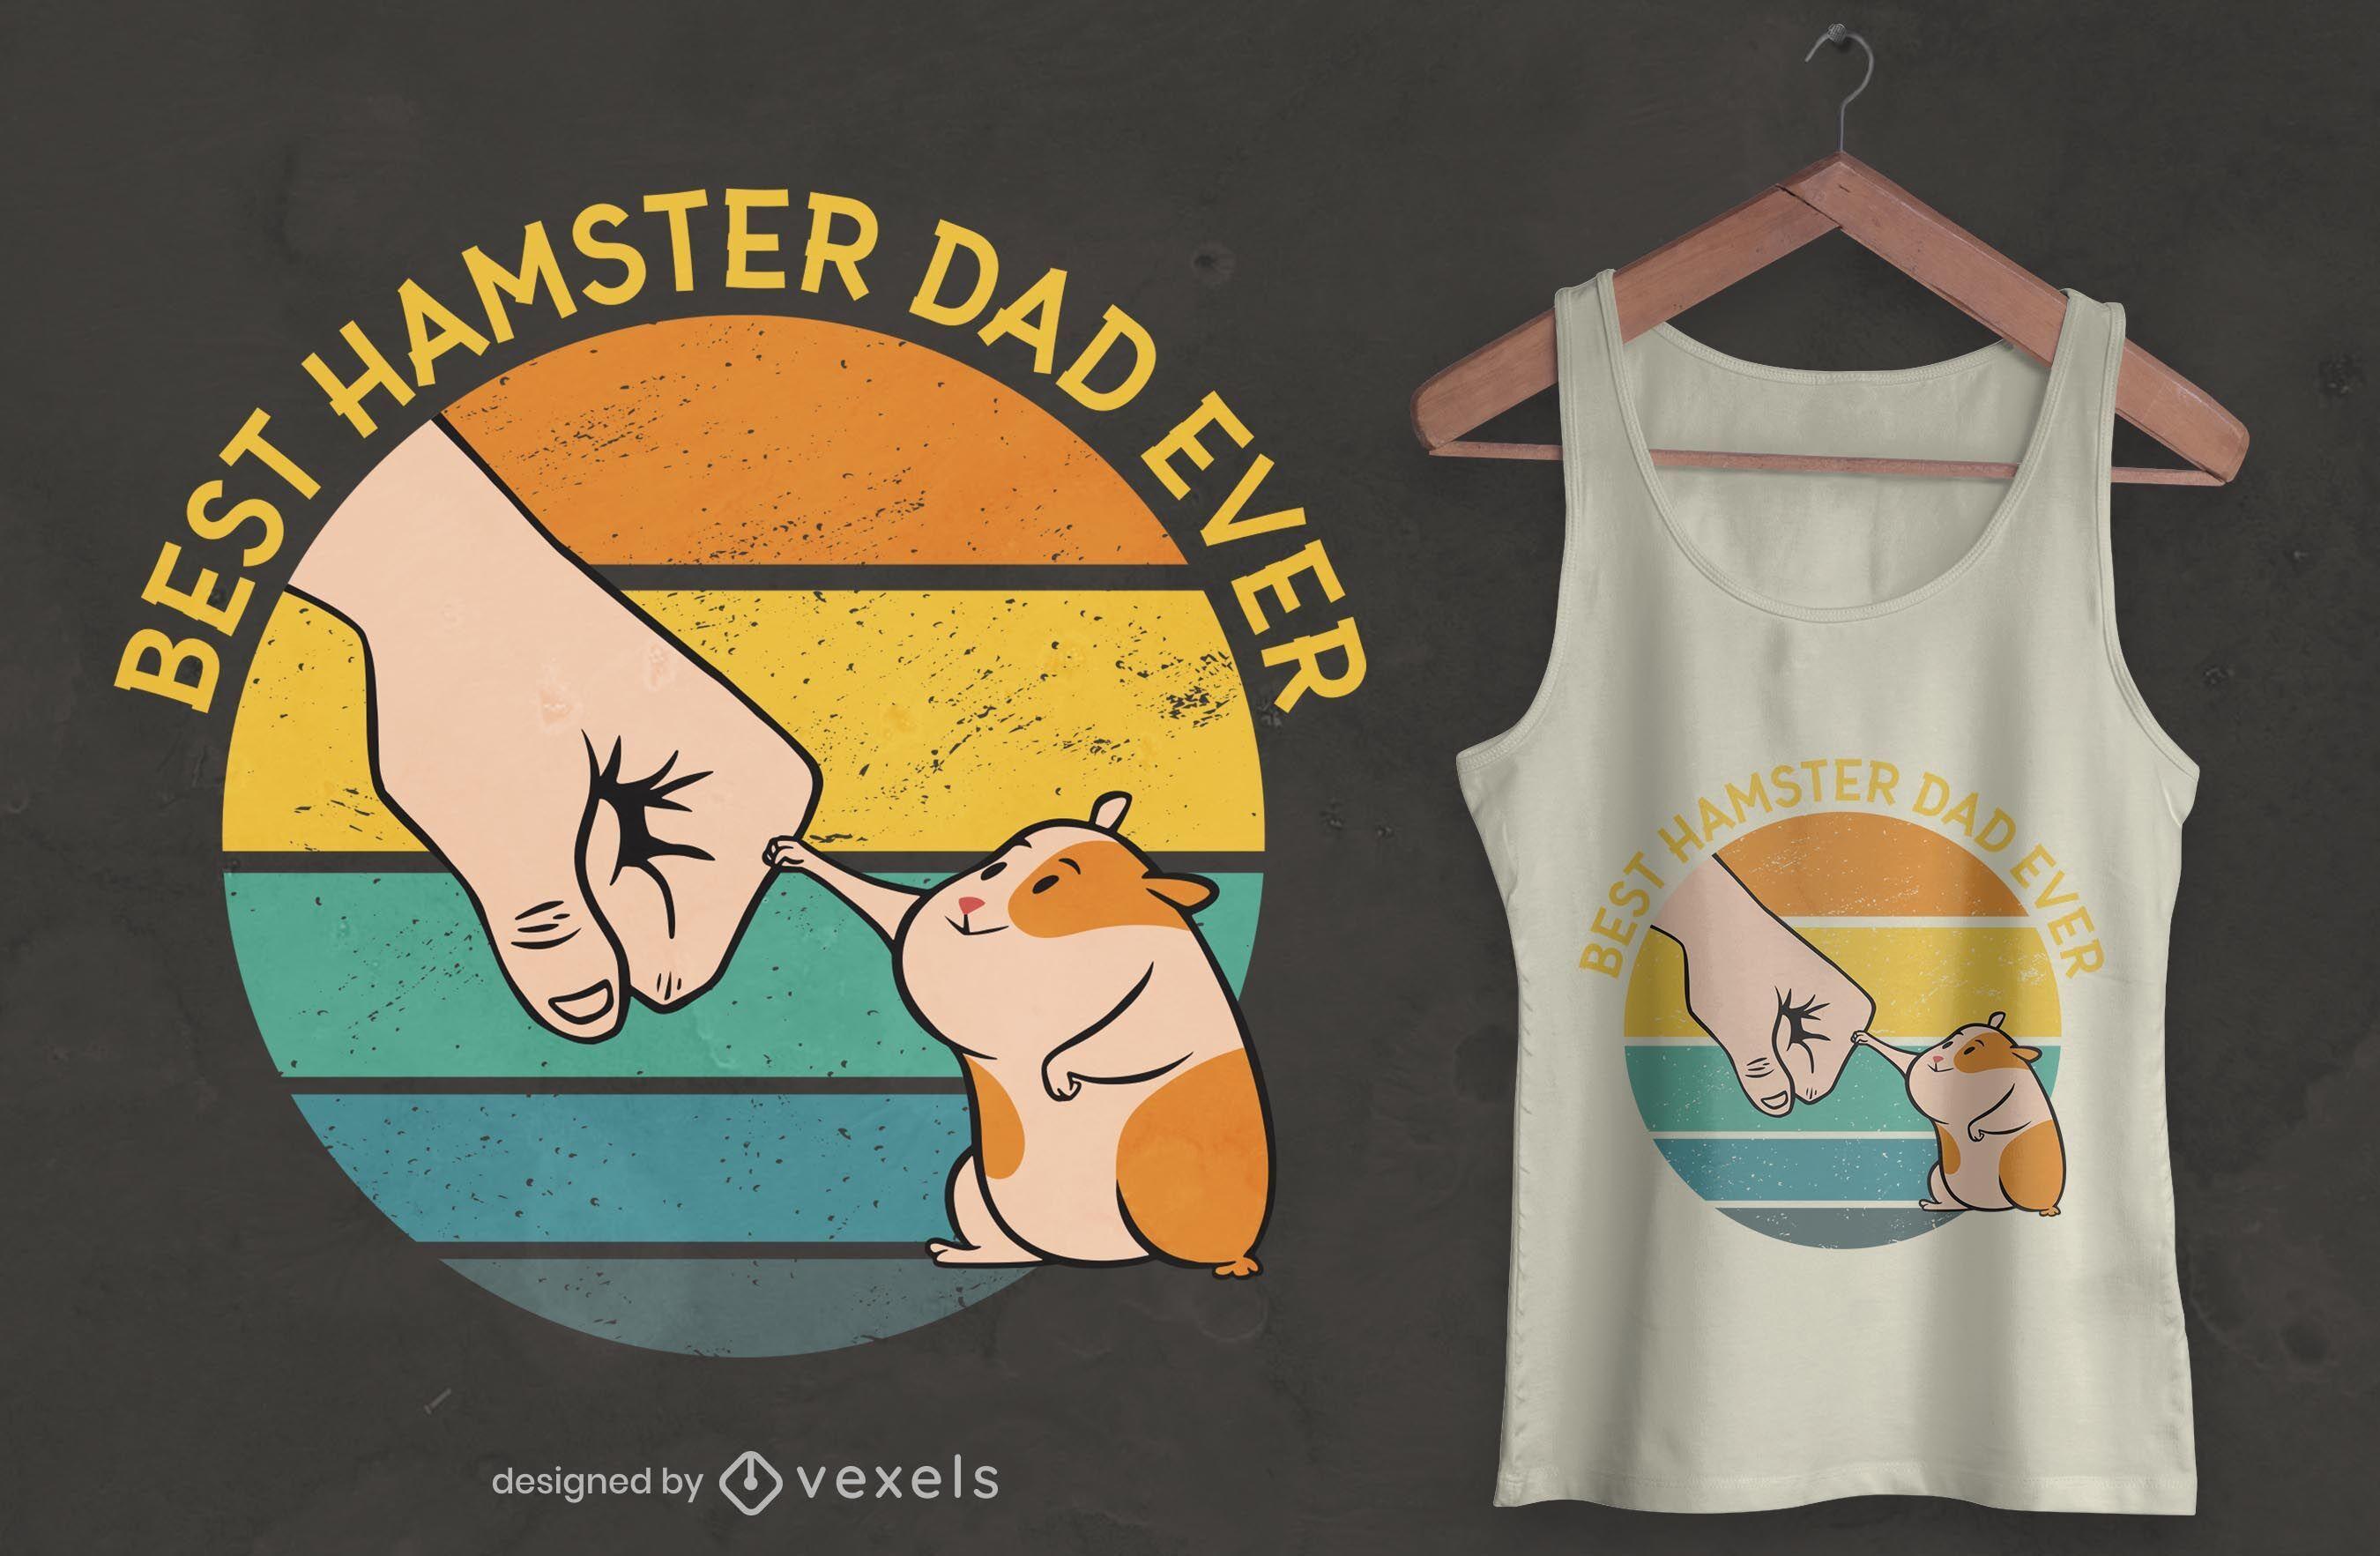 Best hamster dad t-shirt design